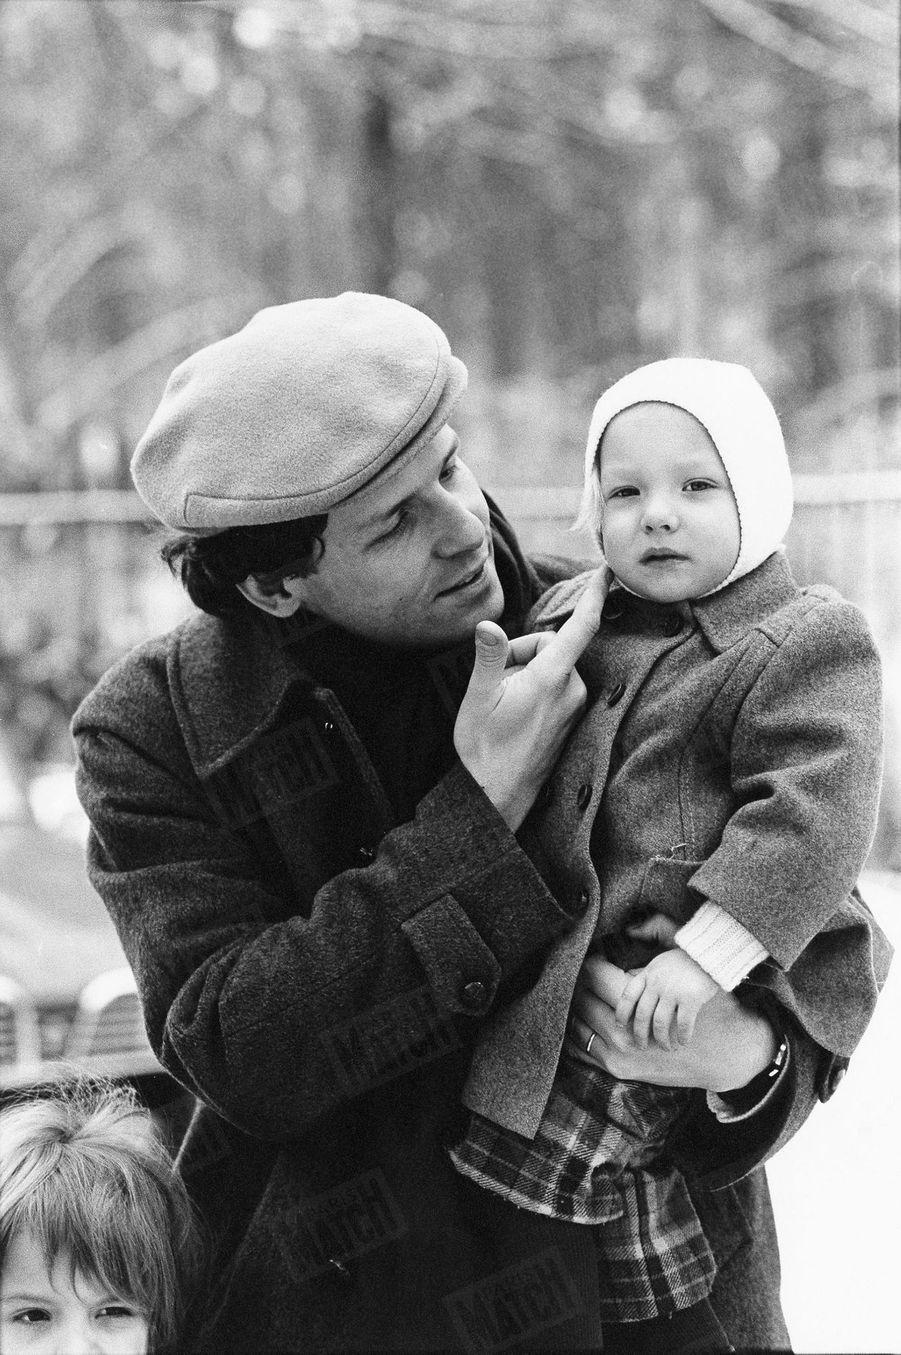 Solenn, dans les bras de son père, le 19 février 1977.